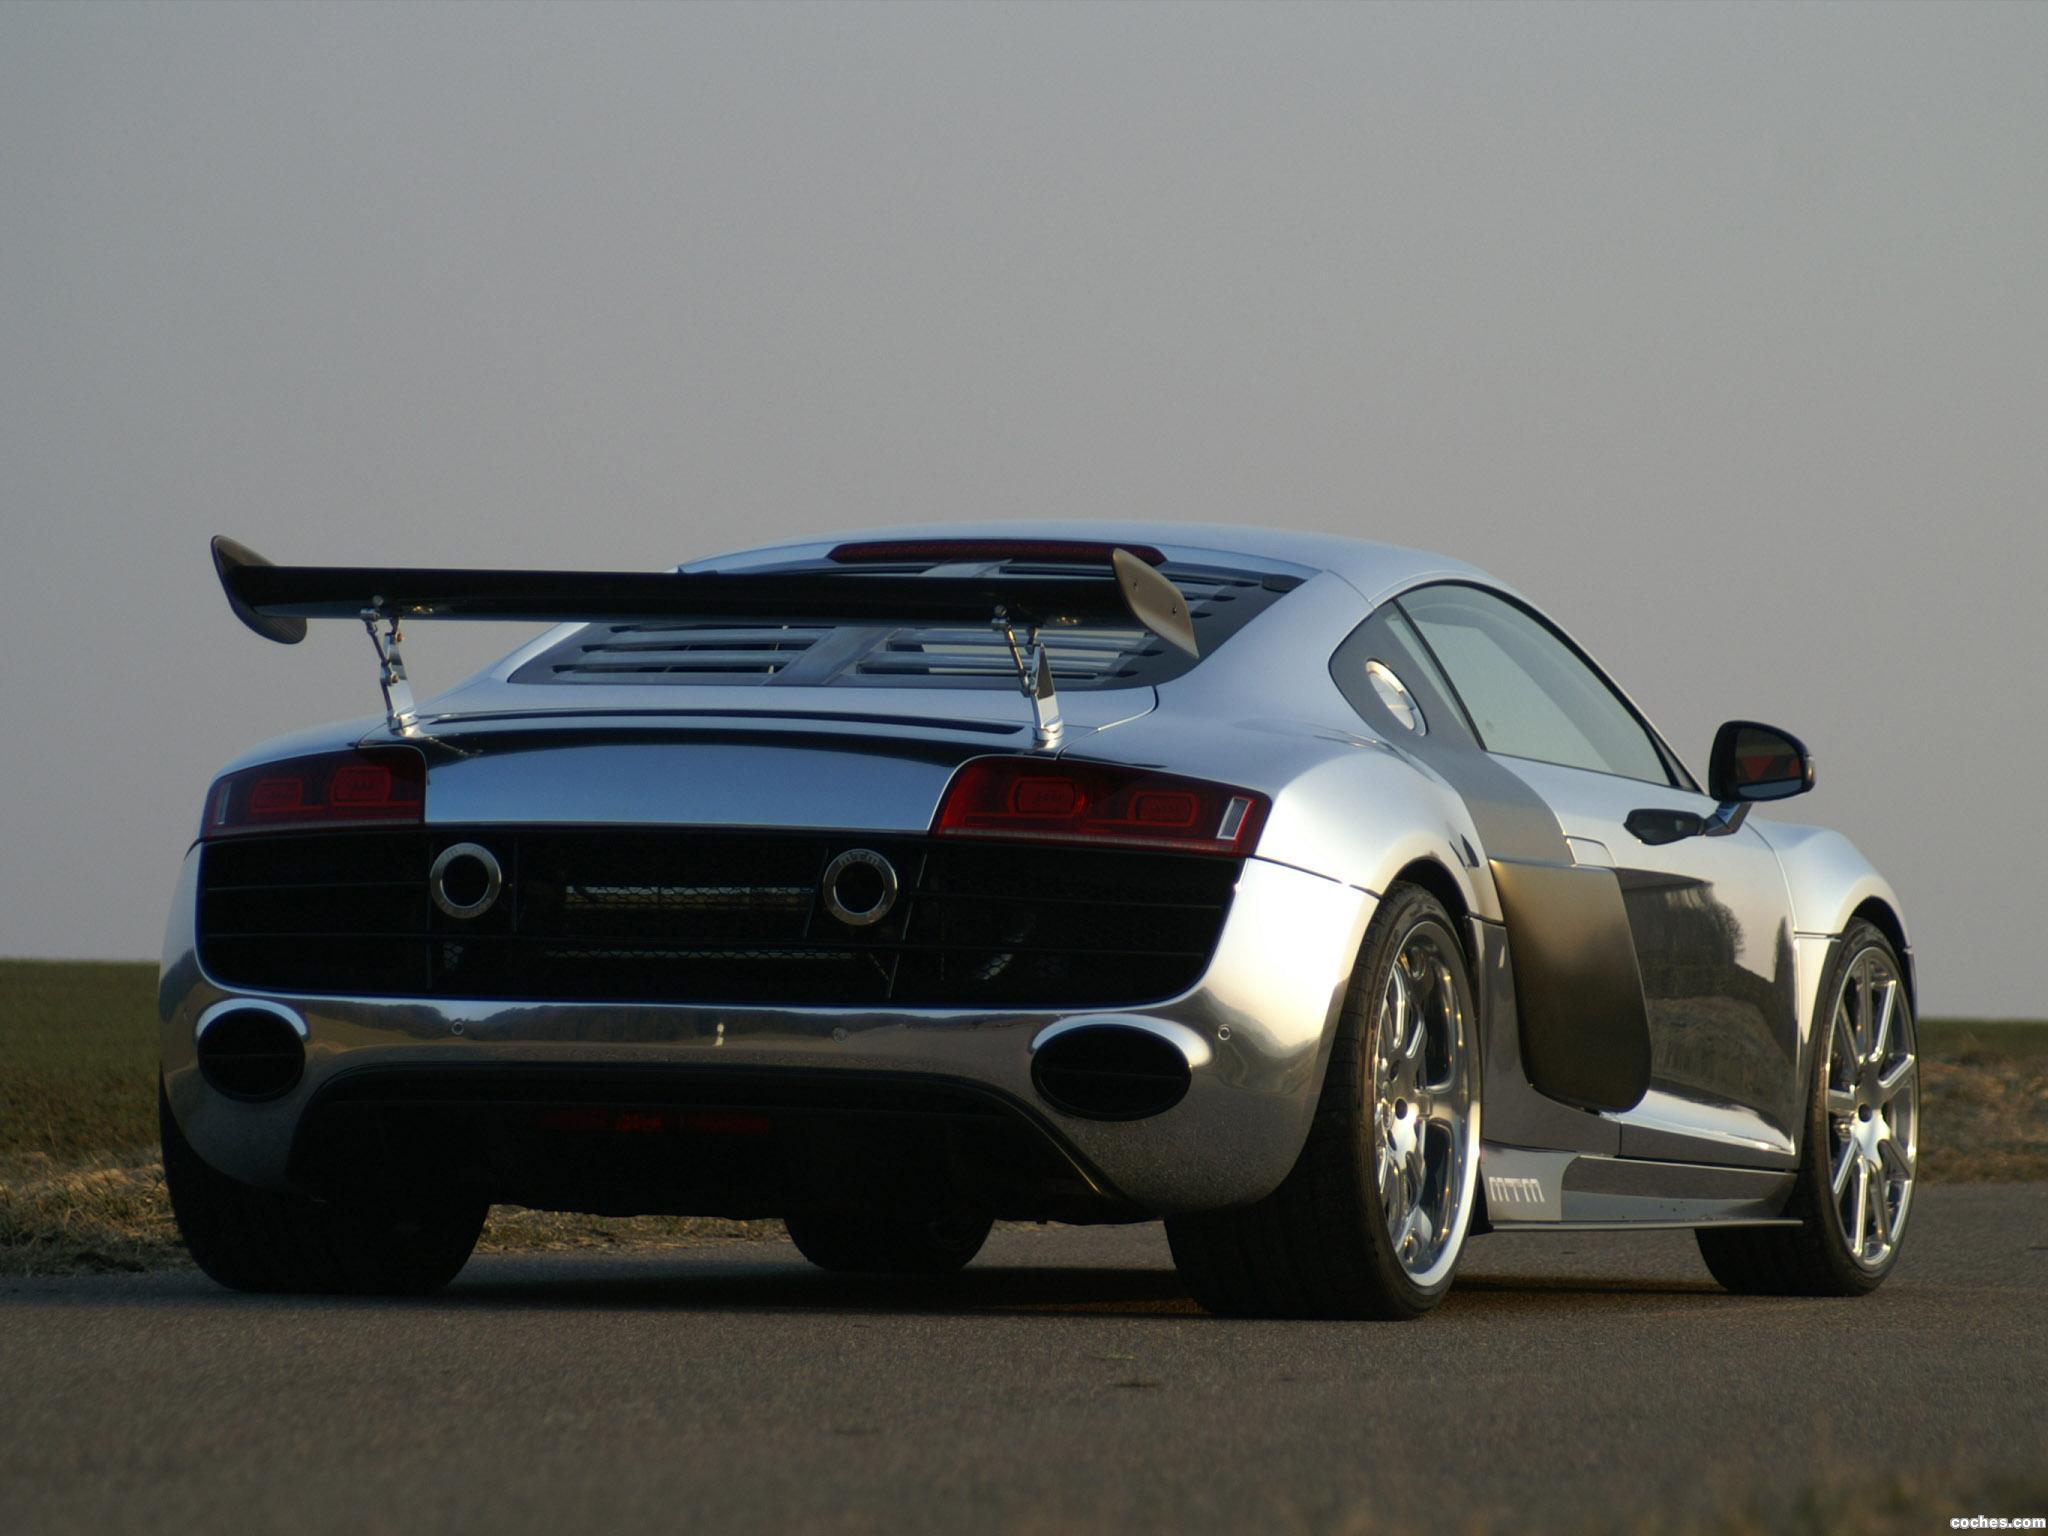 Foto 2 de Audi R8 V10 Biturbo 2011 mtm